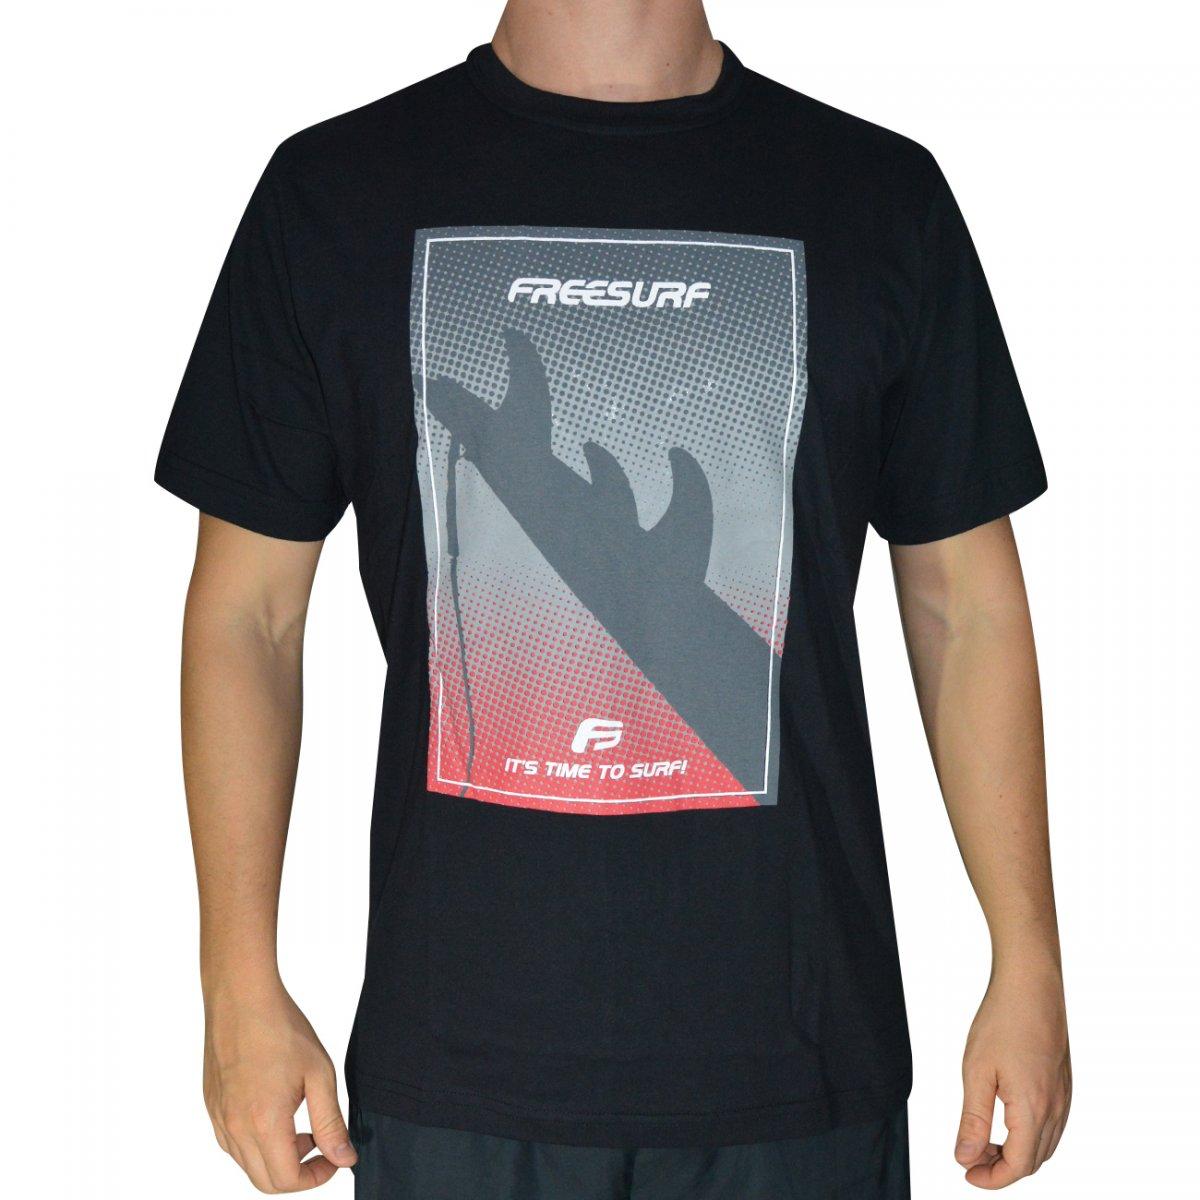 a840294217498 Camiseta Free Surf Santa Monica 110405031 - Preto - Chuteira Nike, Adidas.  Sandalias Femininas. Sandy Calçados